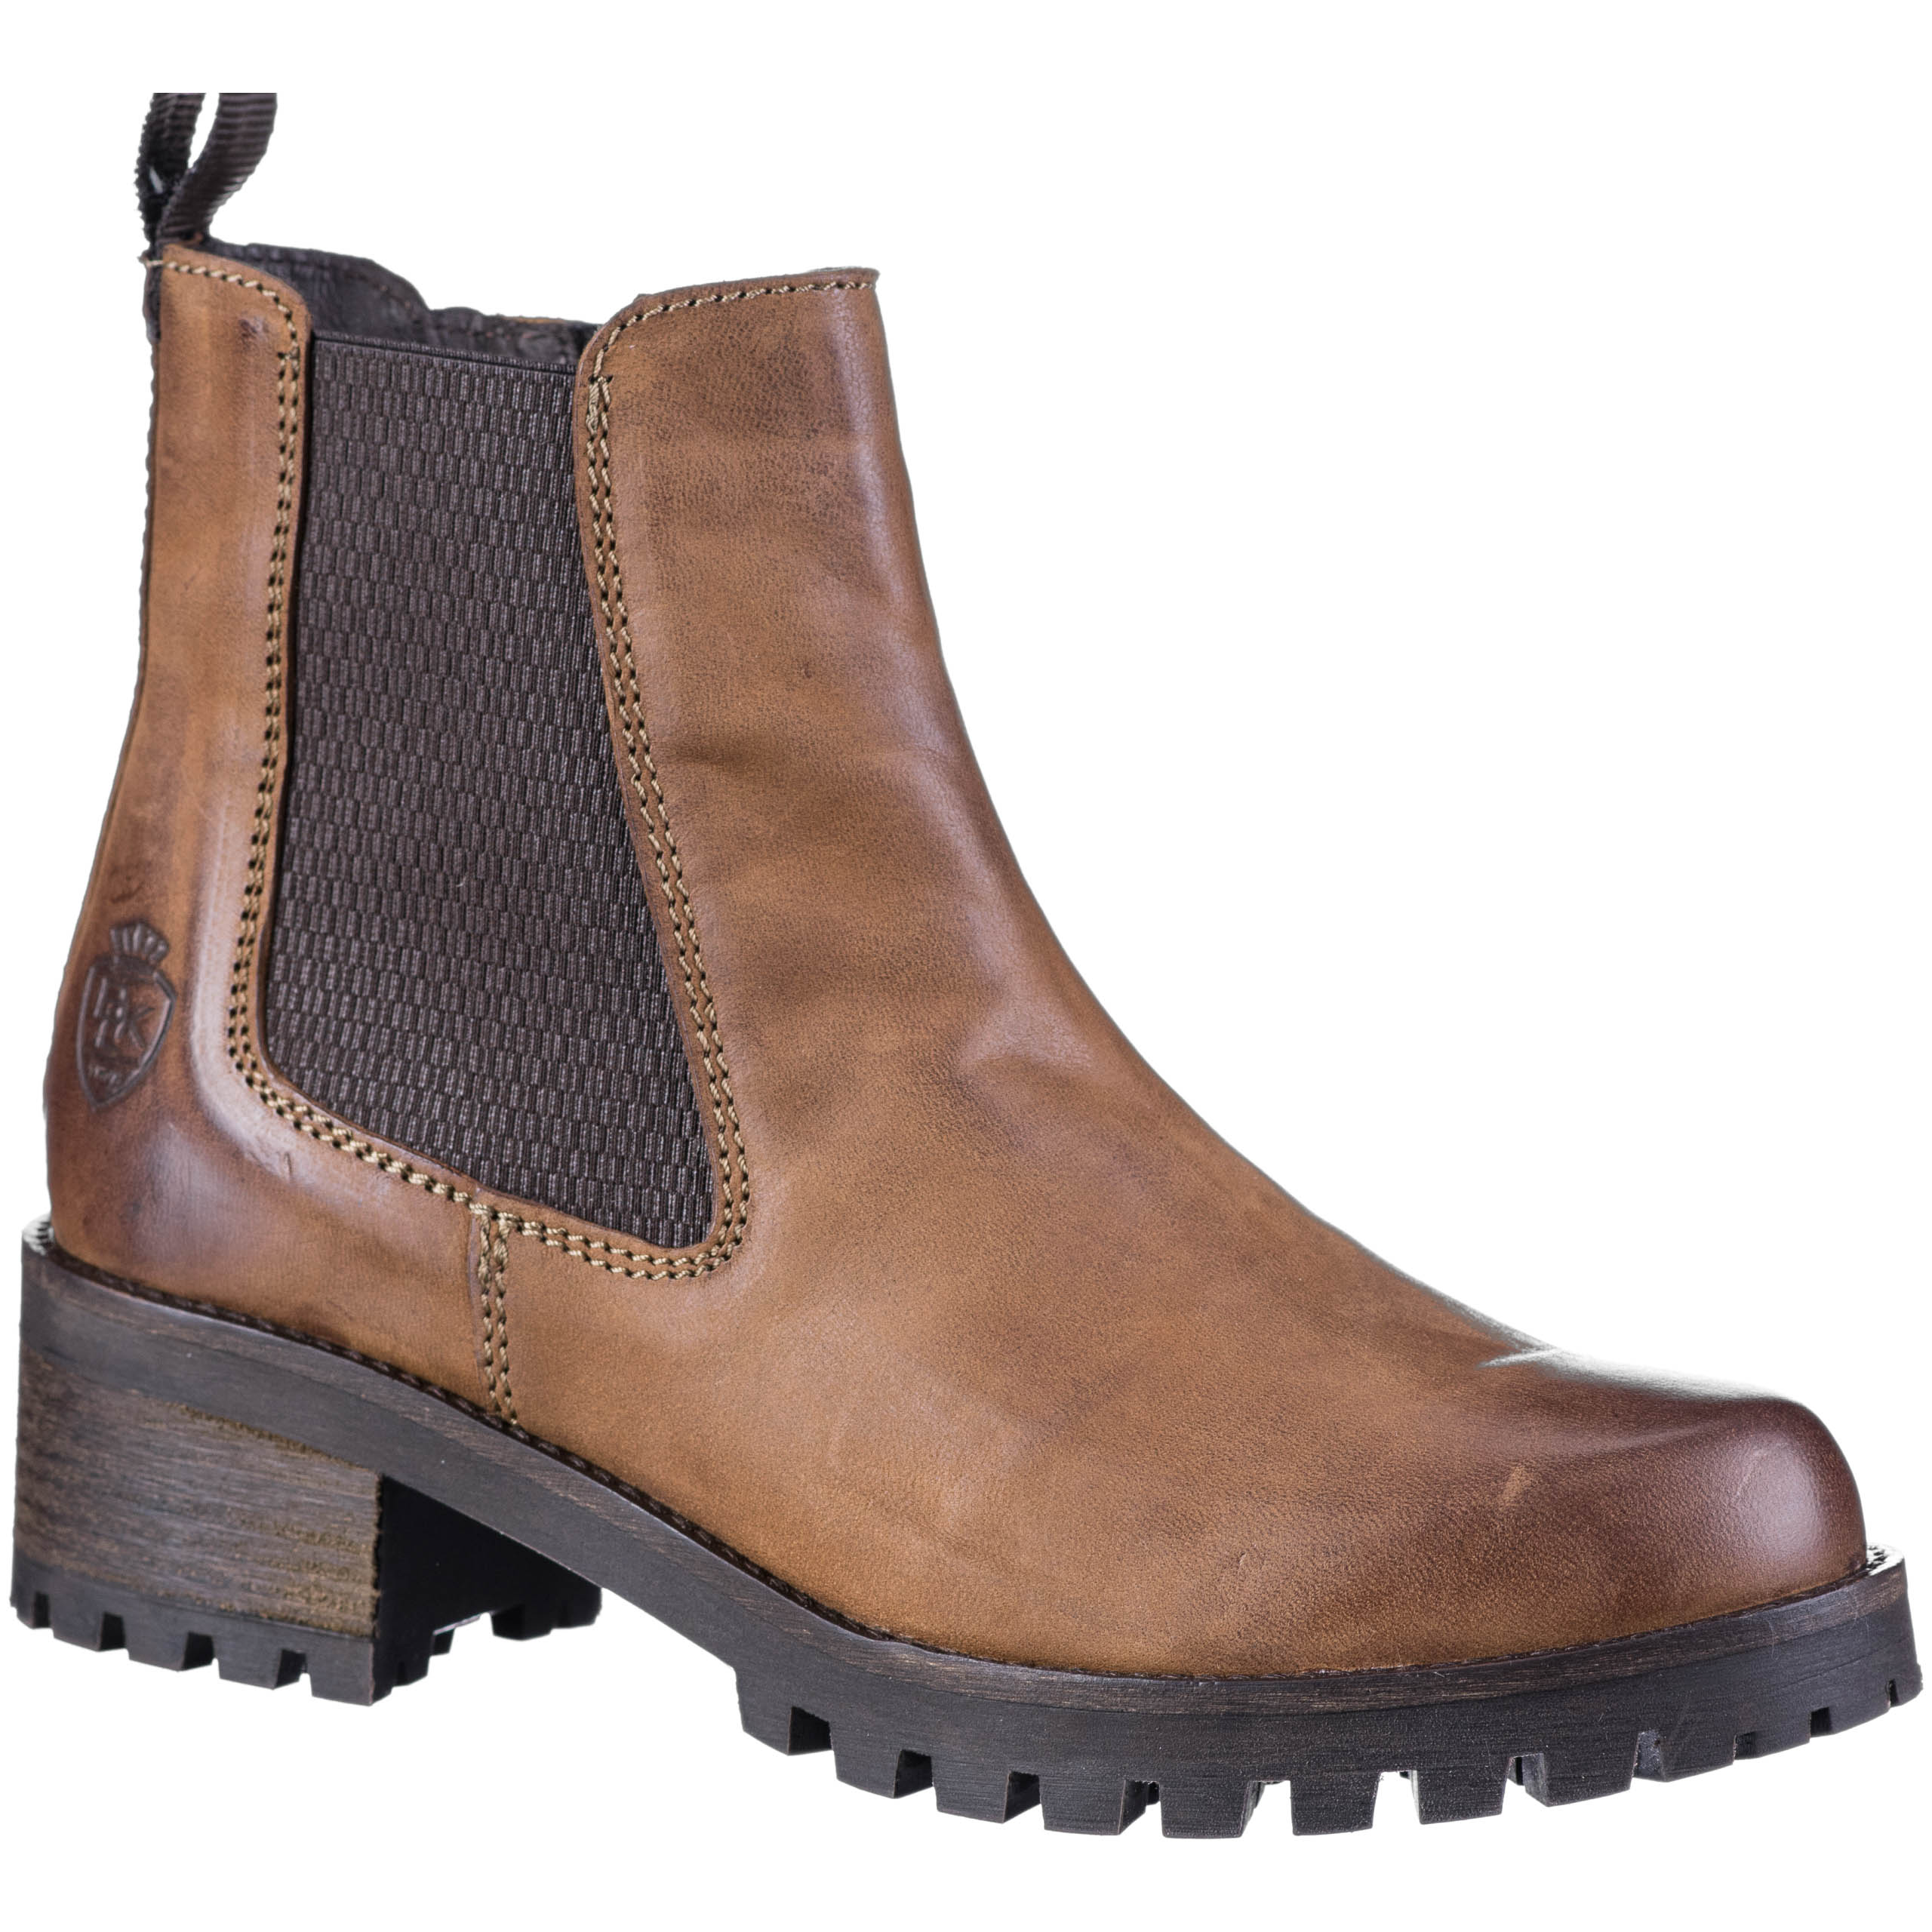 Warme gefütterte Puma Schuhe, gr 28 kaufen auf Ricardo